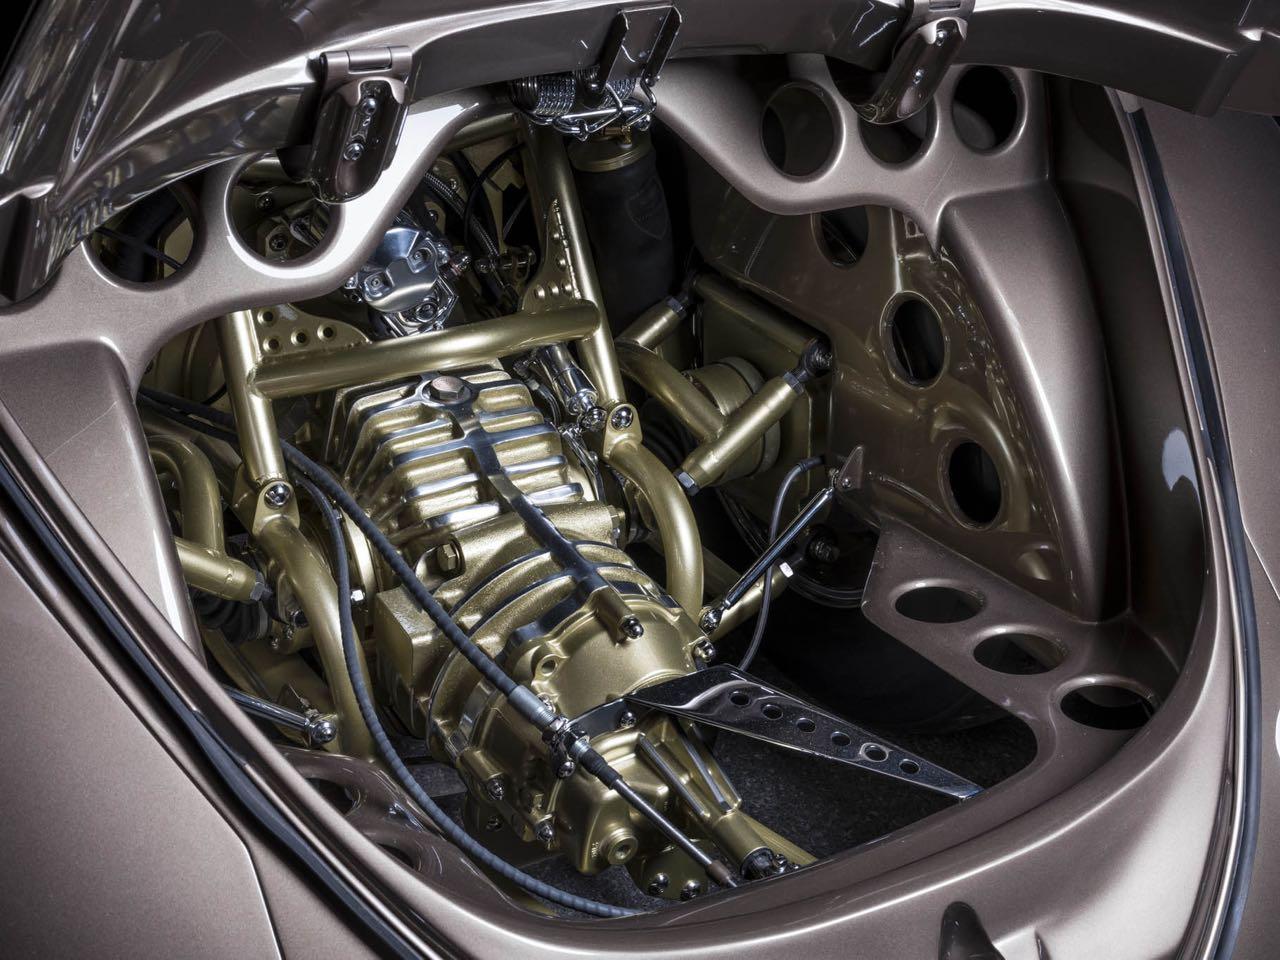 '56 Beetle Berlin Buick... Un V8 sur la banquette ! 7